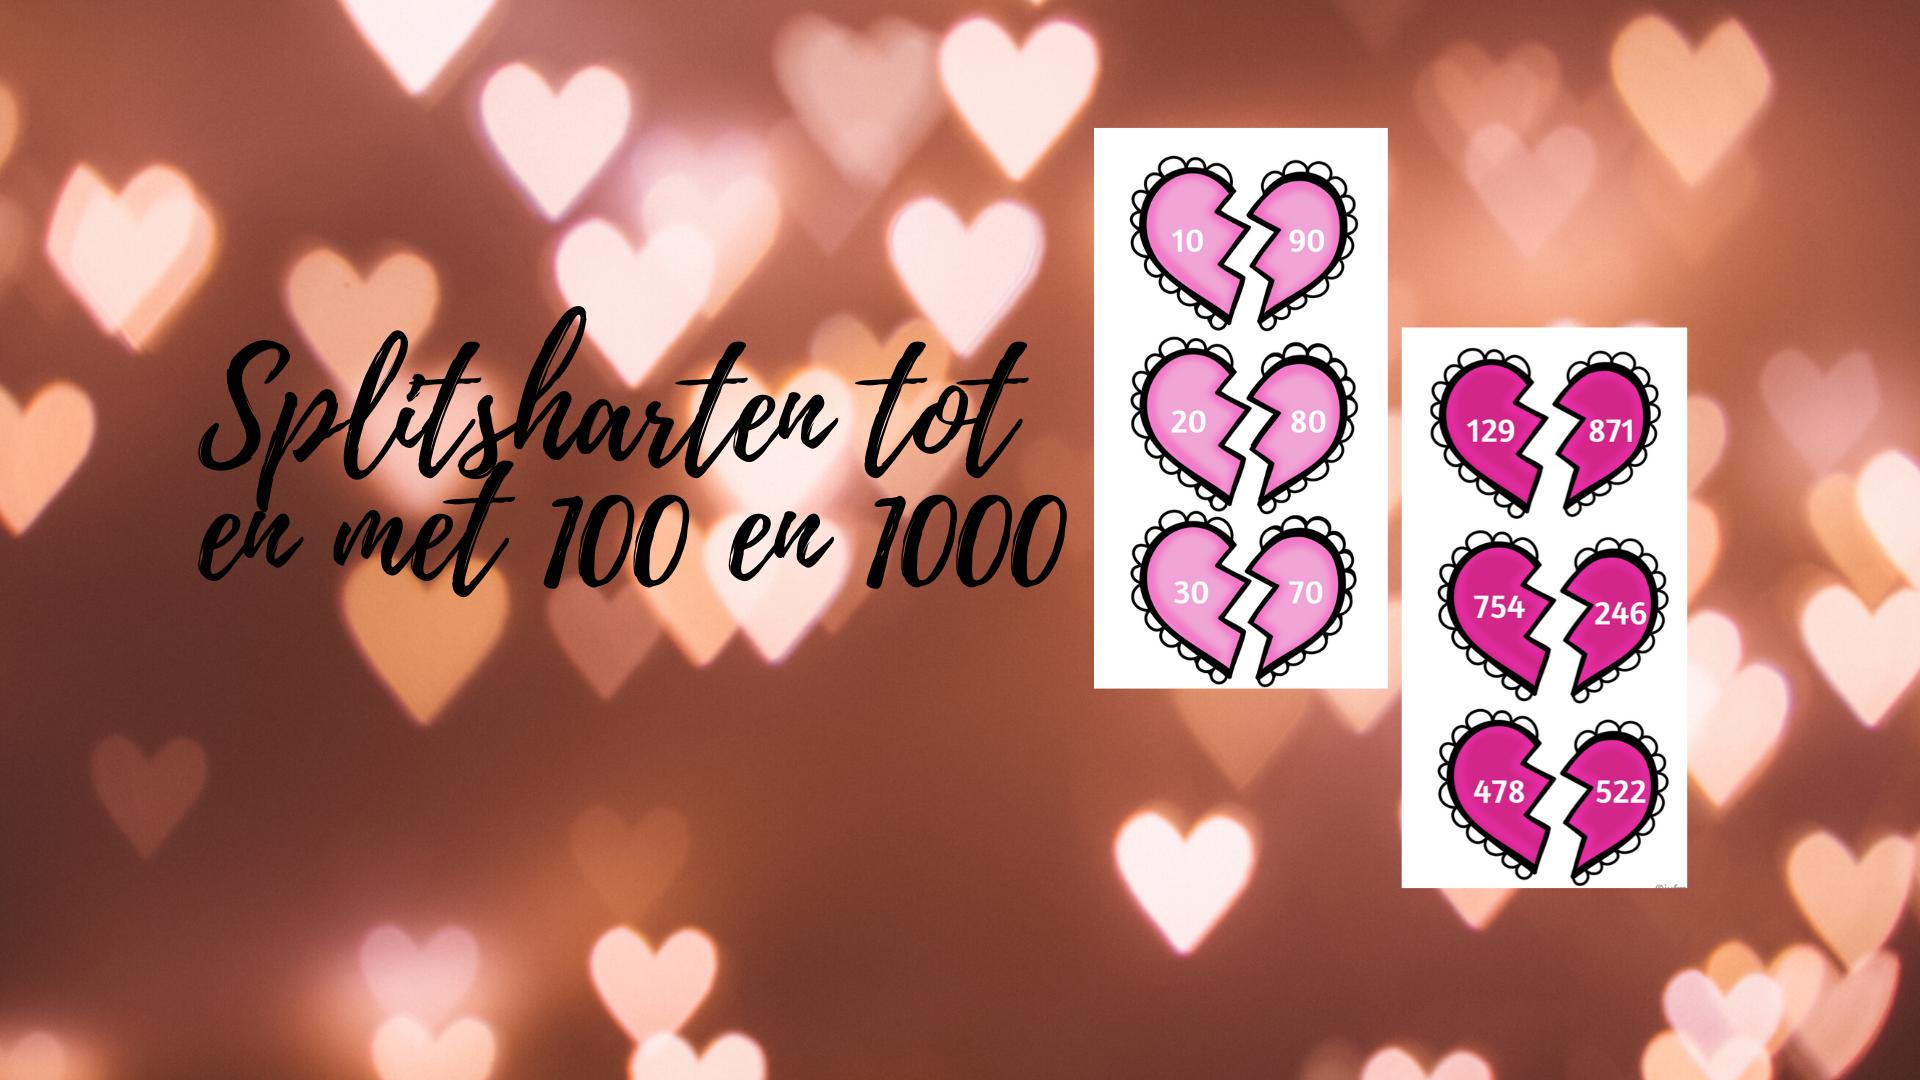 Splitsharten tot en met 100 en 1000